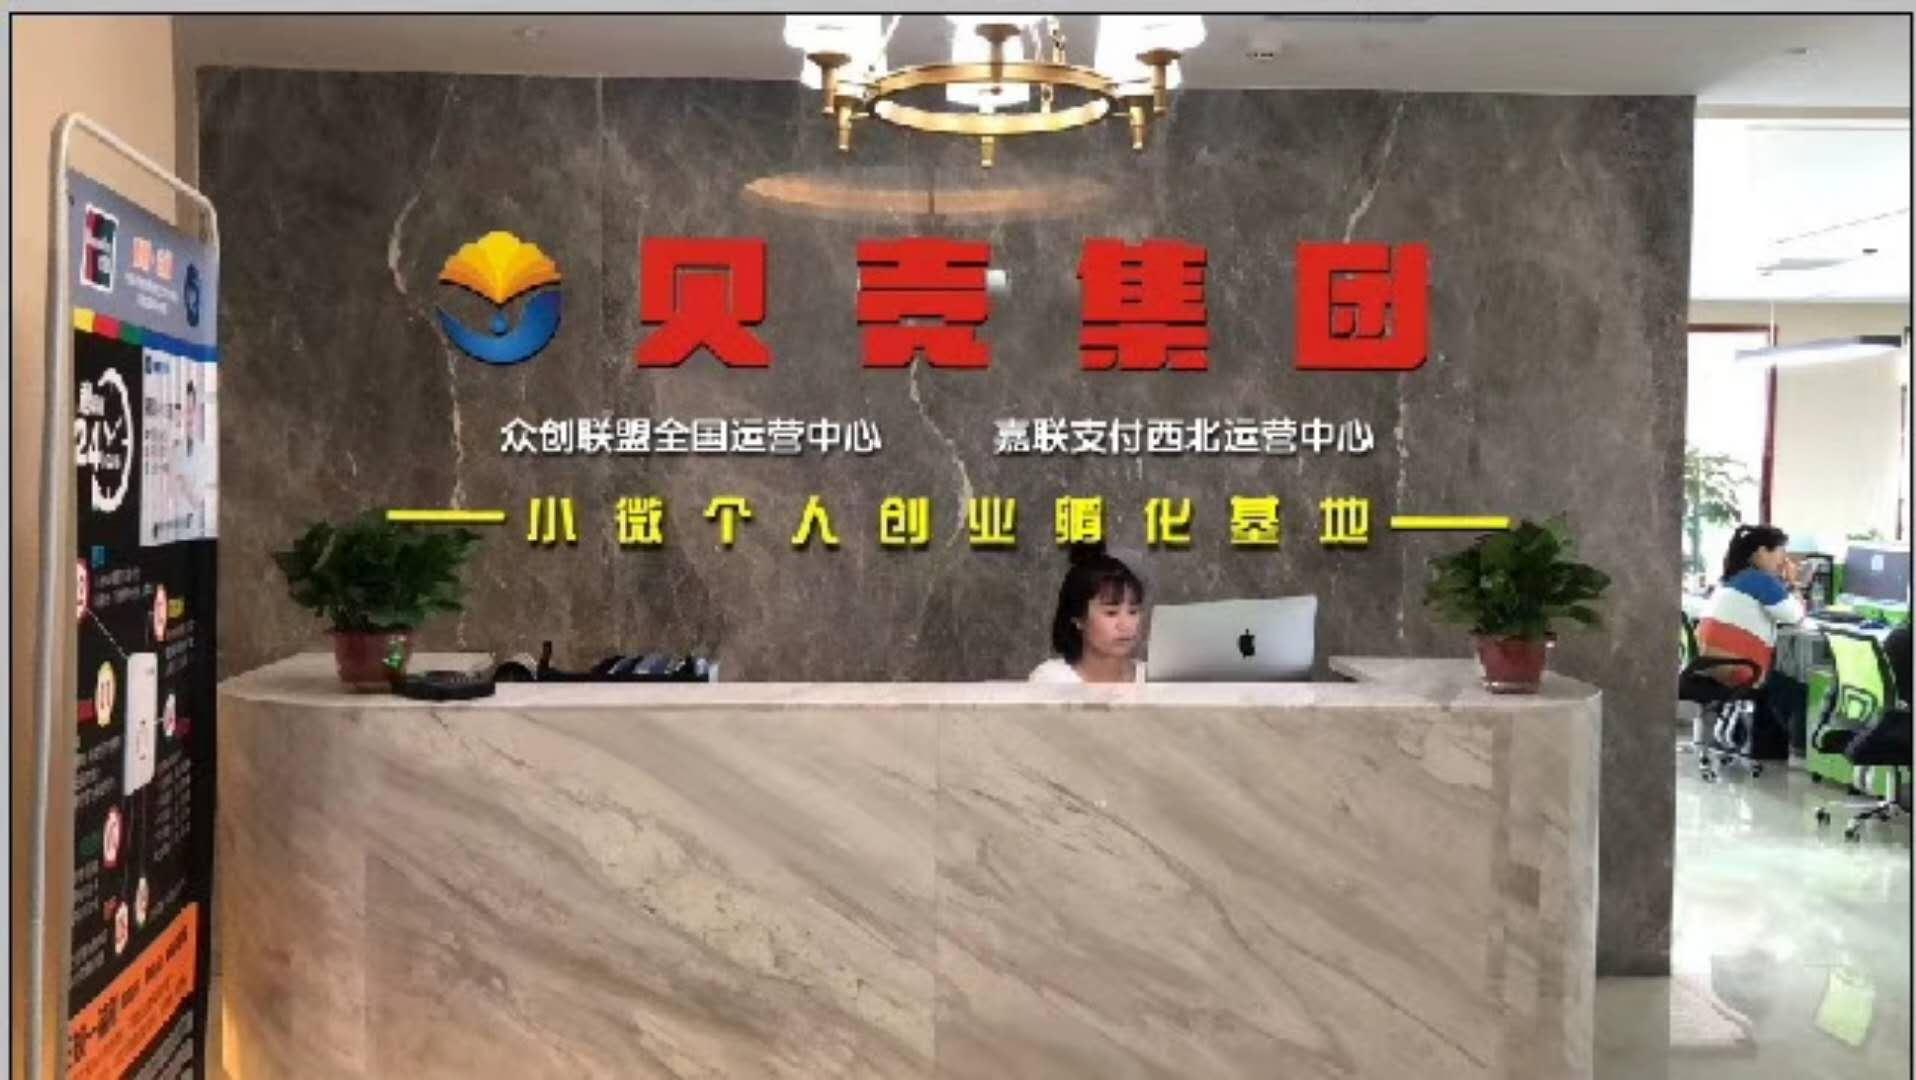 贝壳集团新办公室前台